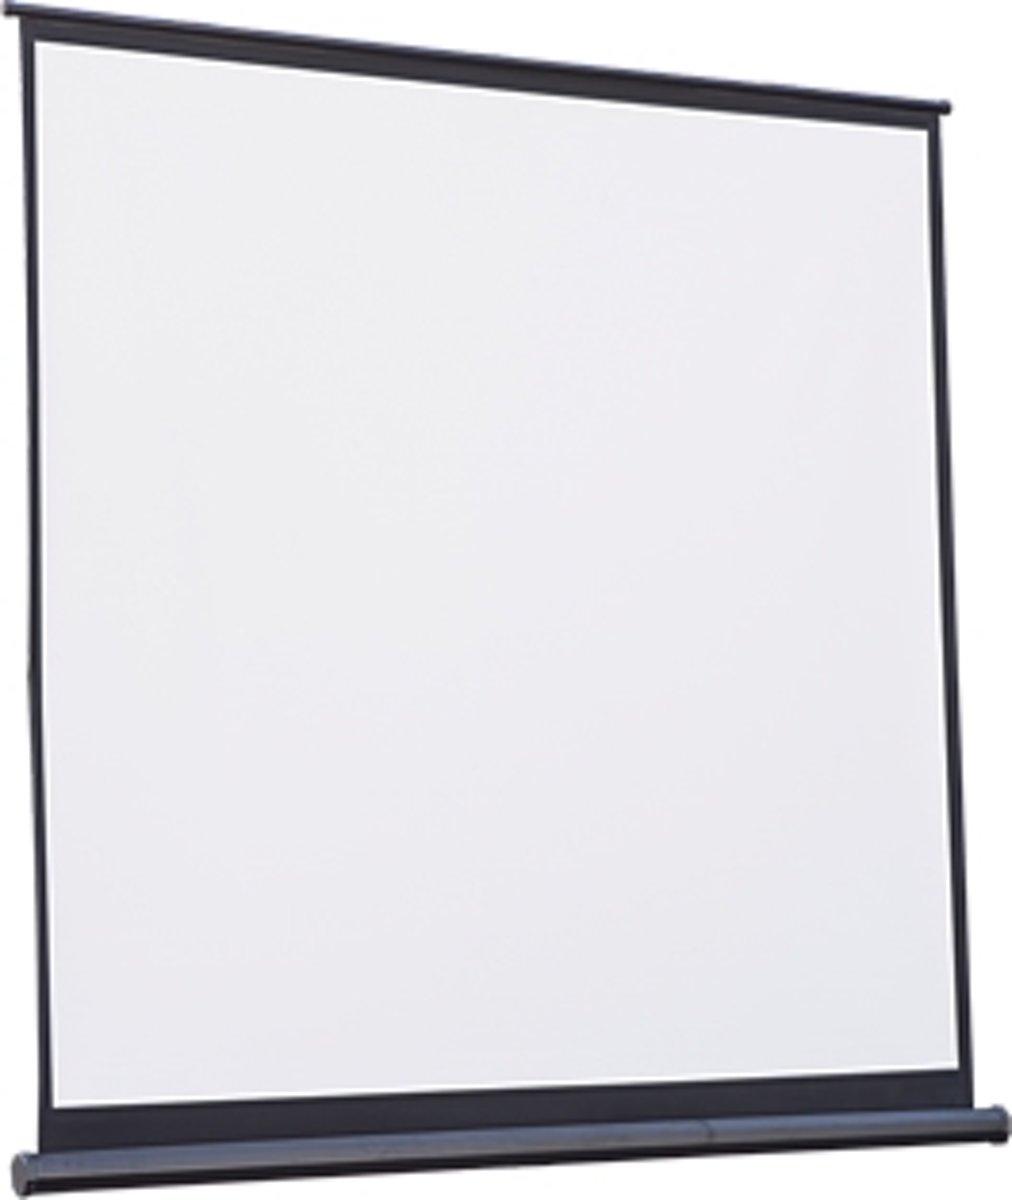 Projectiescherm, beamerscherm 173x173 cm kopen